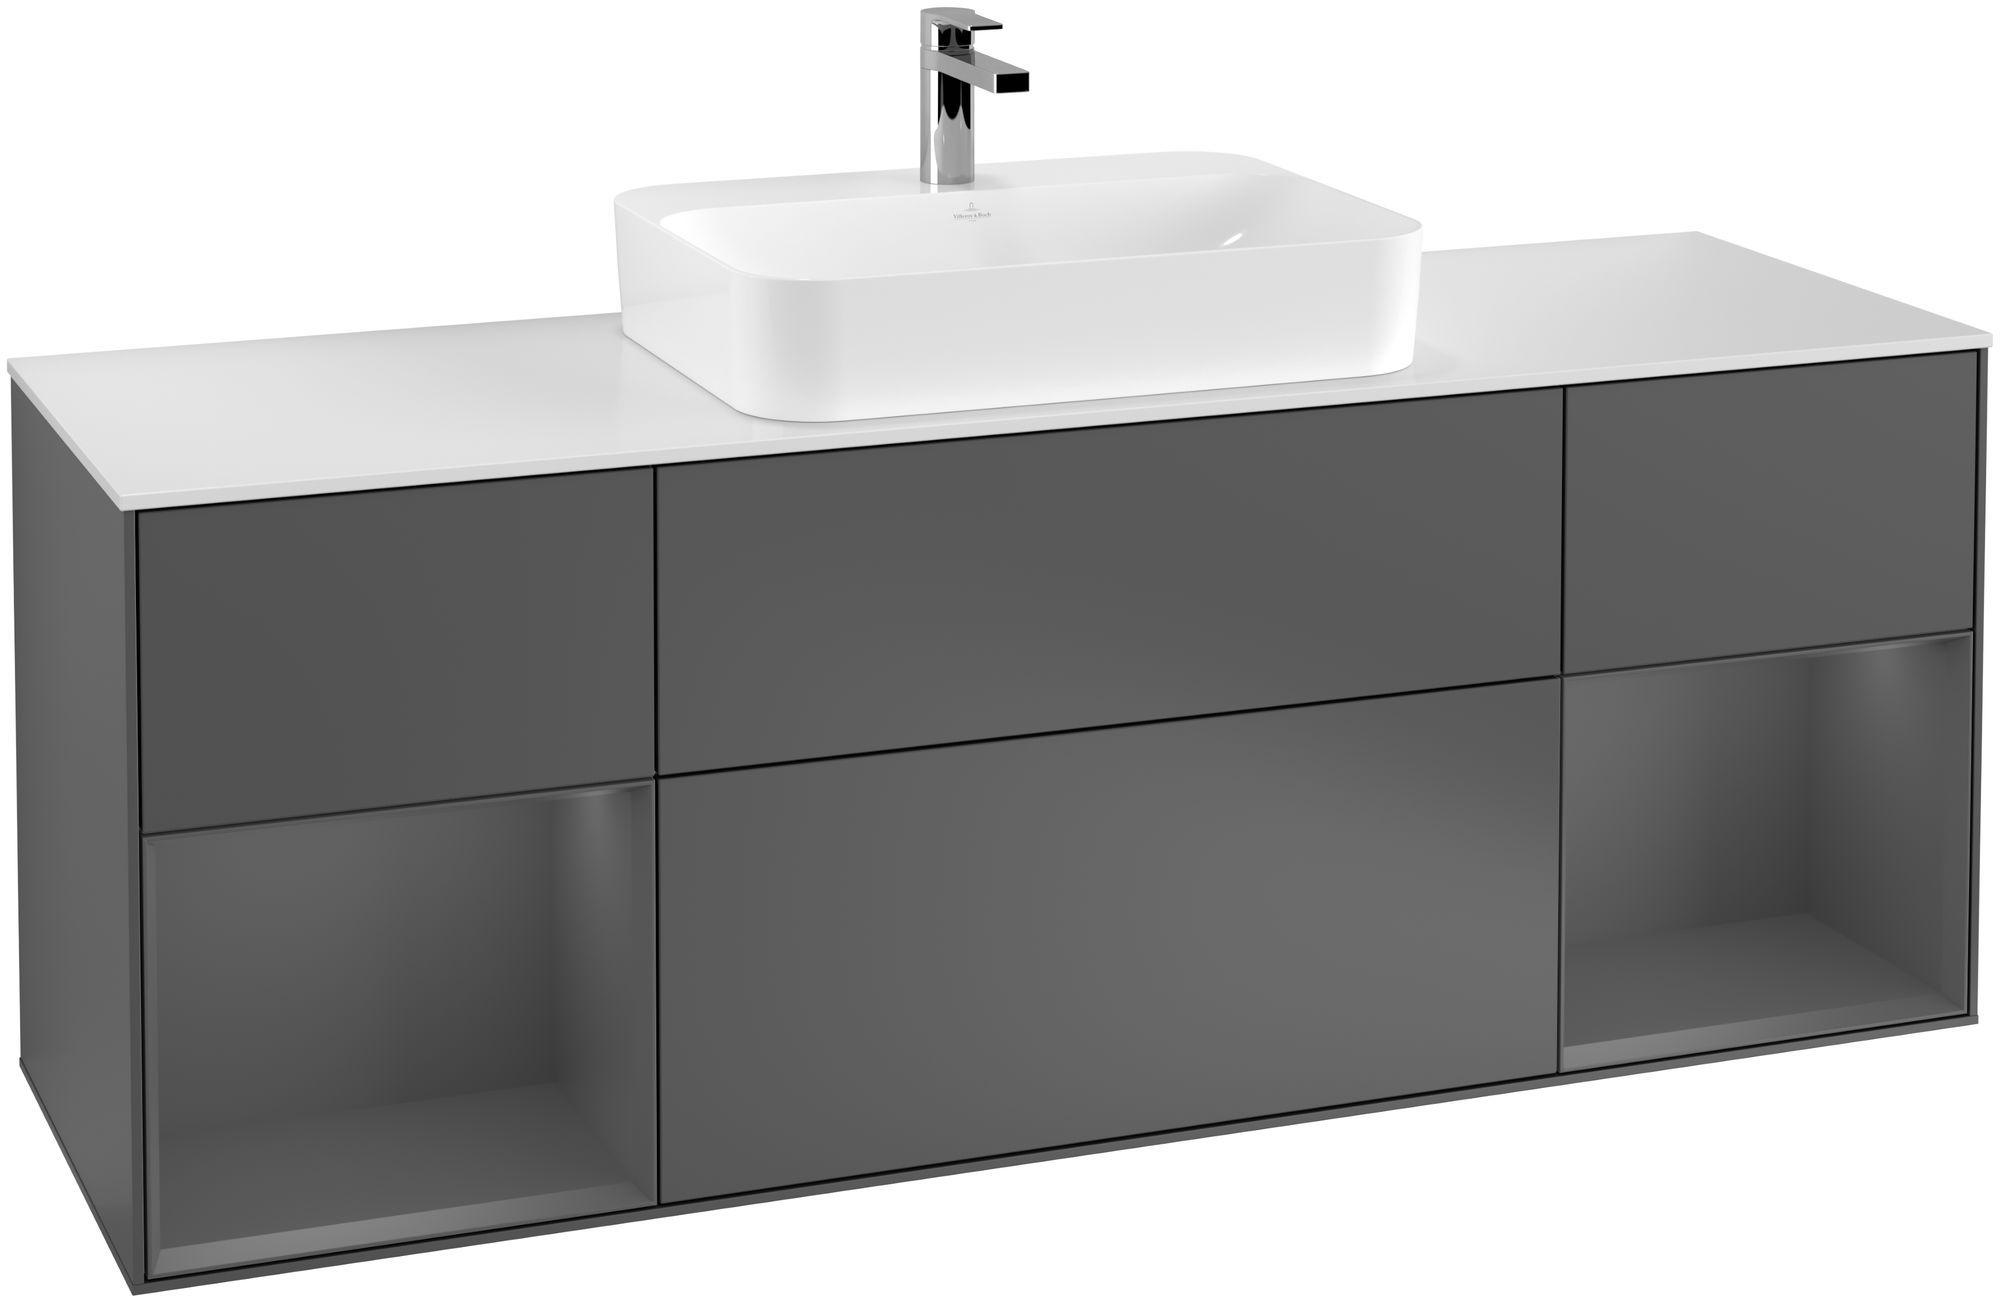 Villeroy & Boch Finion G45 Waschtischunterschrank mit Regalelement 4 Auszüge Waschtisch mittig LED-Beleuchtung B:160xH:60,3xT:50,1cm Front, Korpus: Anthracite Matt, Glasplatte: White Matt G451GKGK